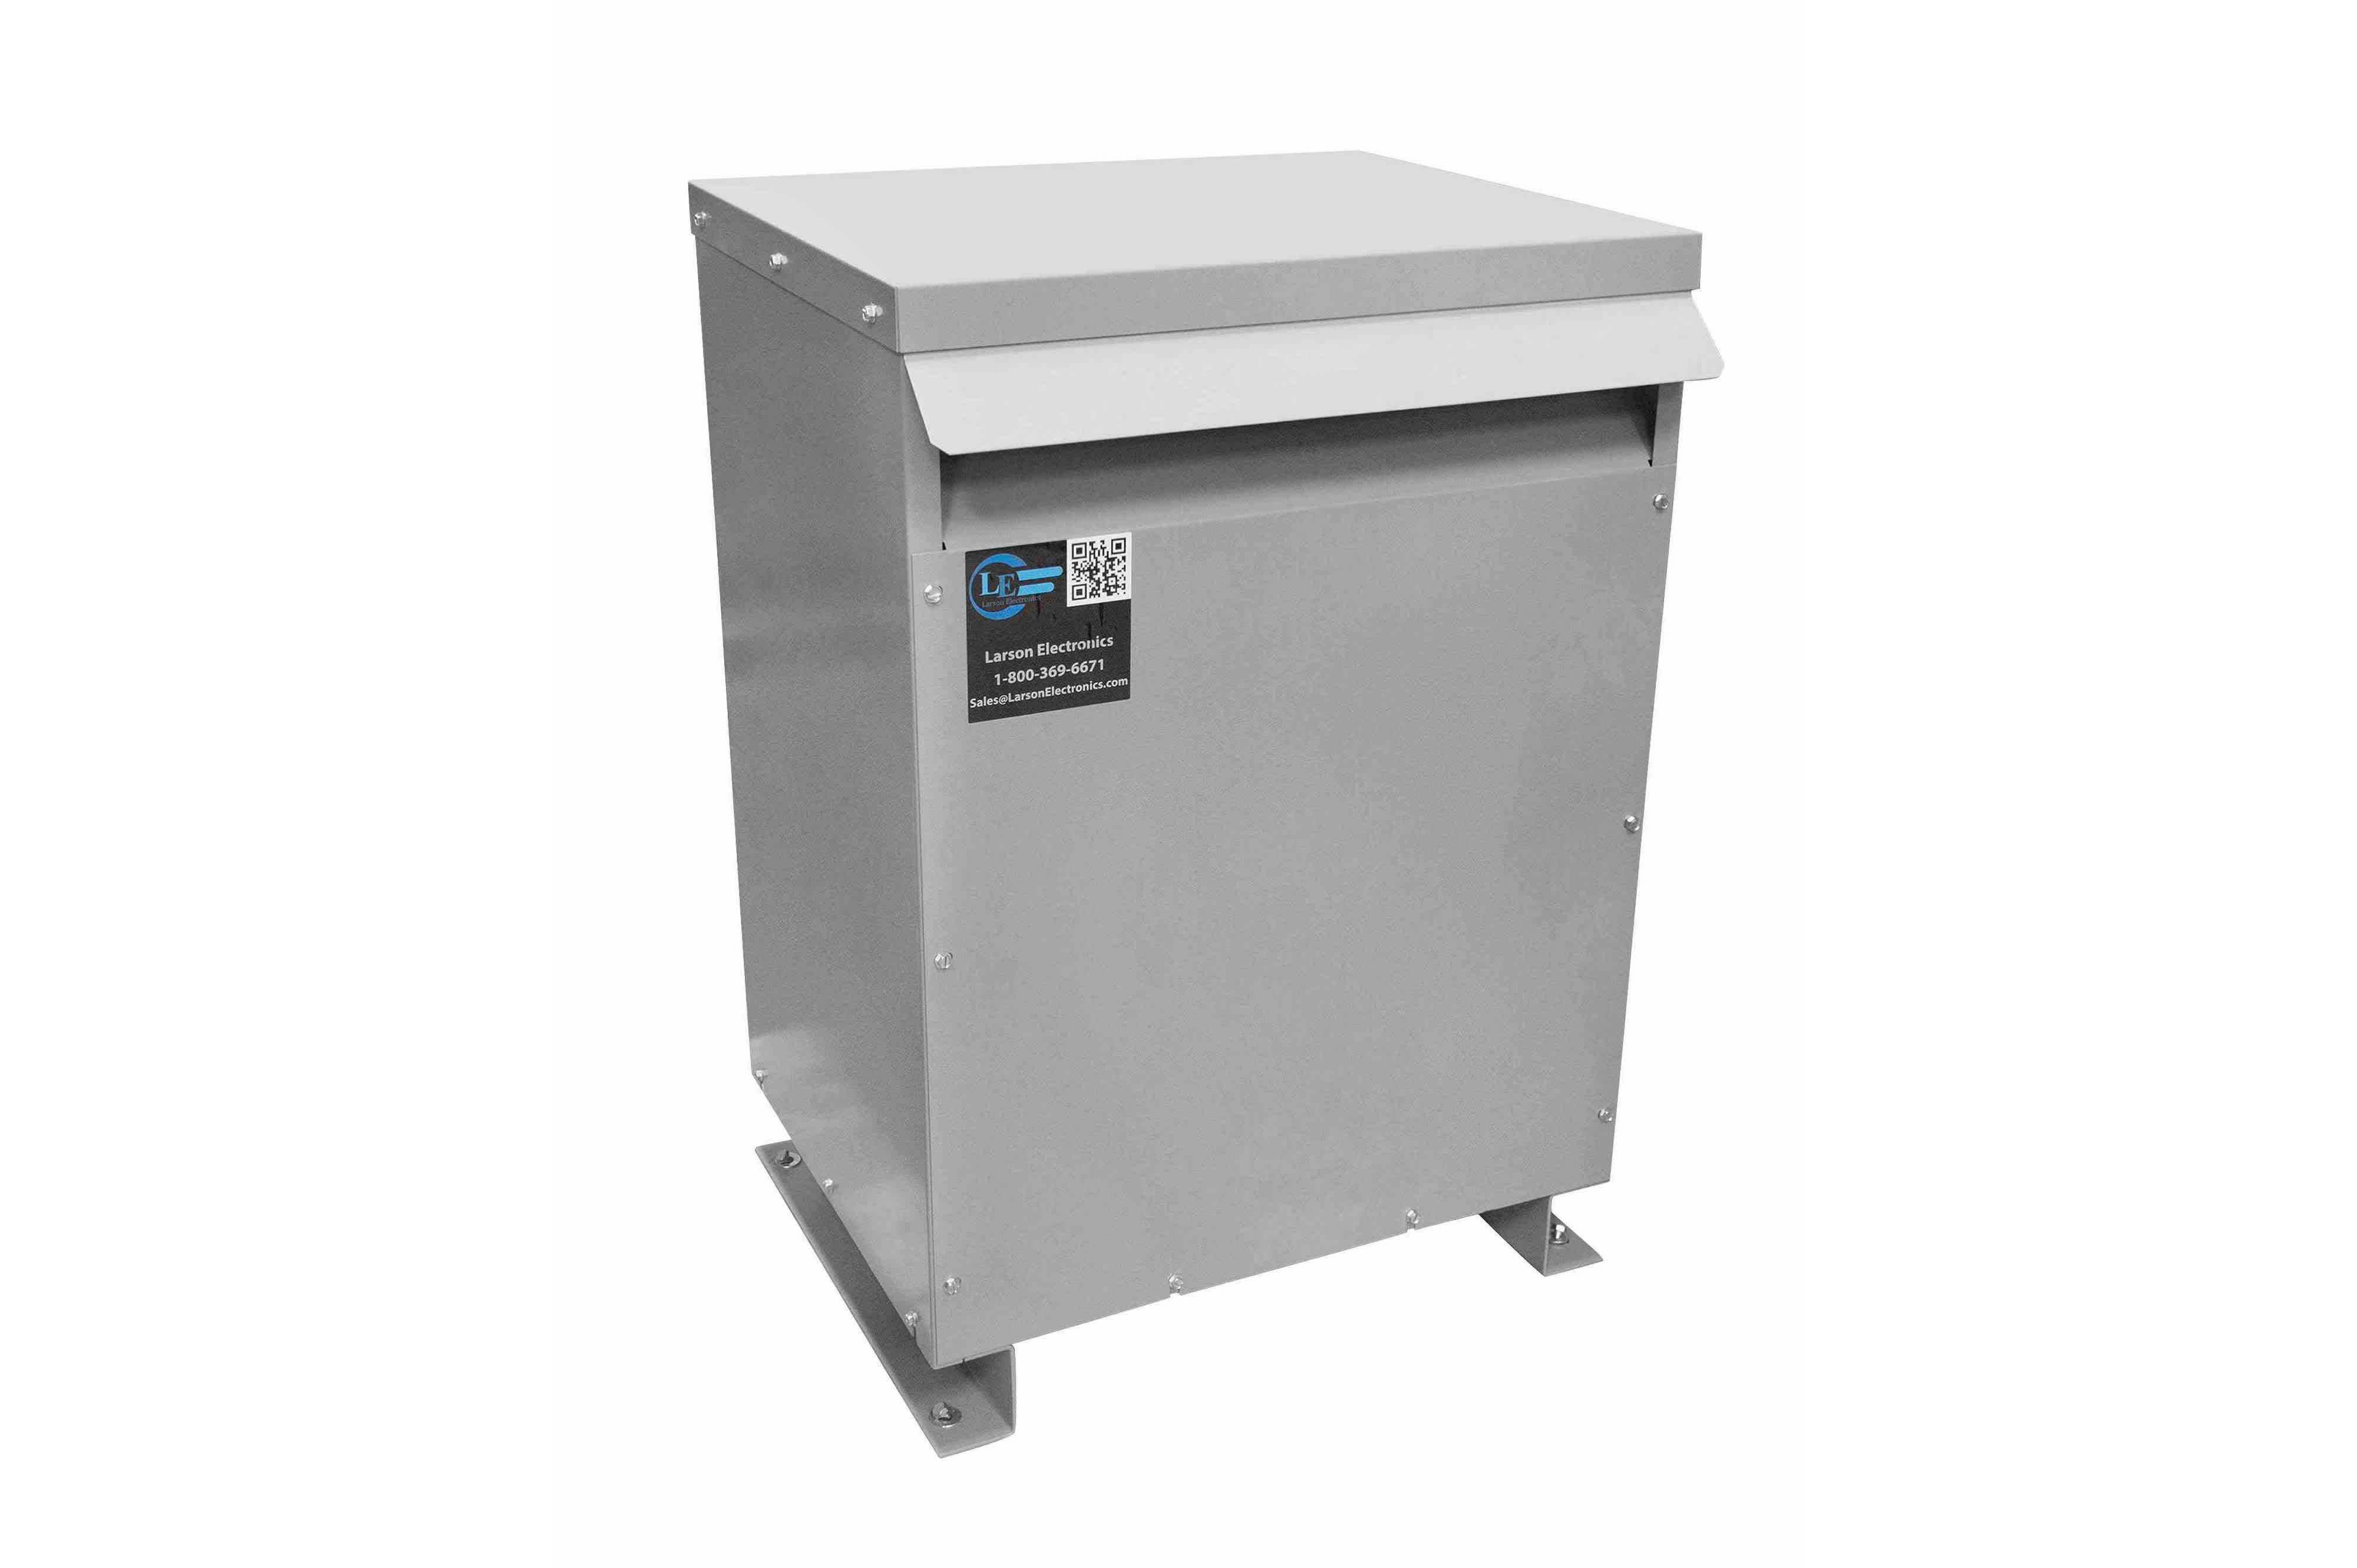 13 kVA 3PH Isolation Transformer, 240V Delta Primary, 380V Delta Secondary, N3R, Ventilated, 60 Hz